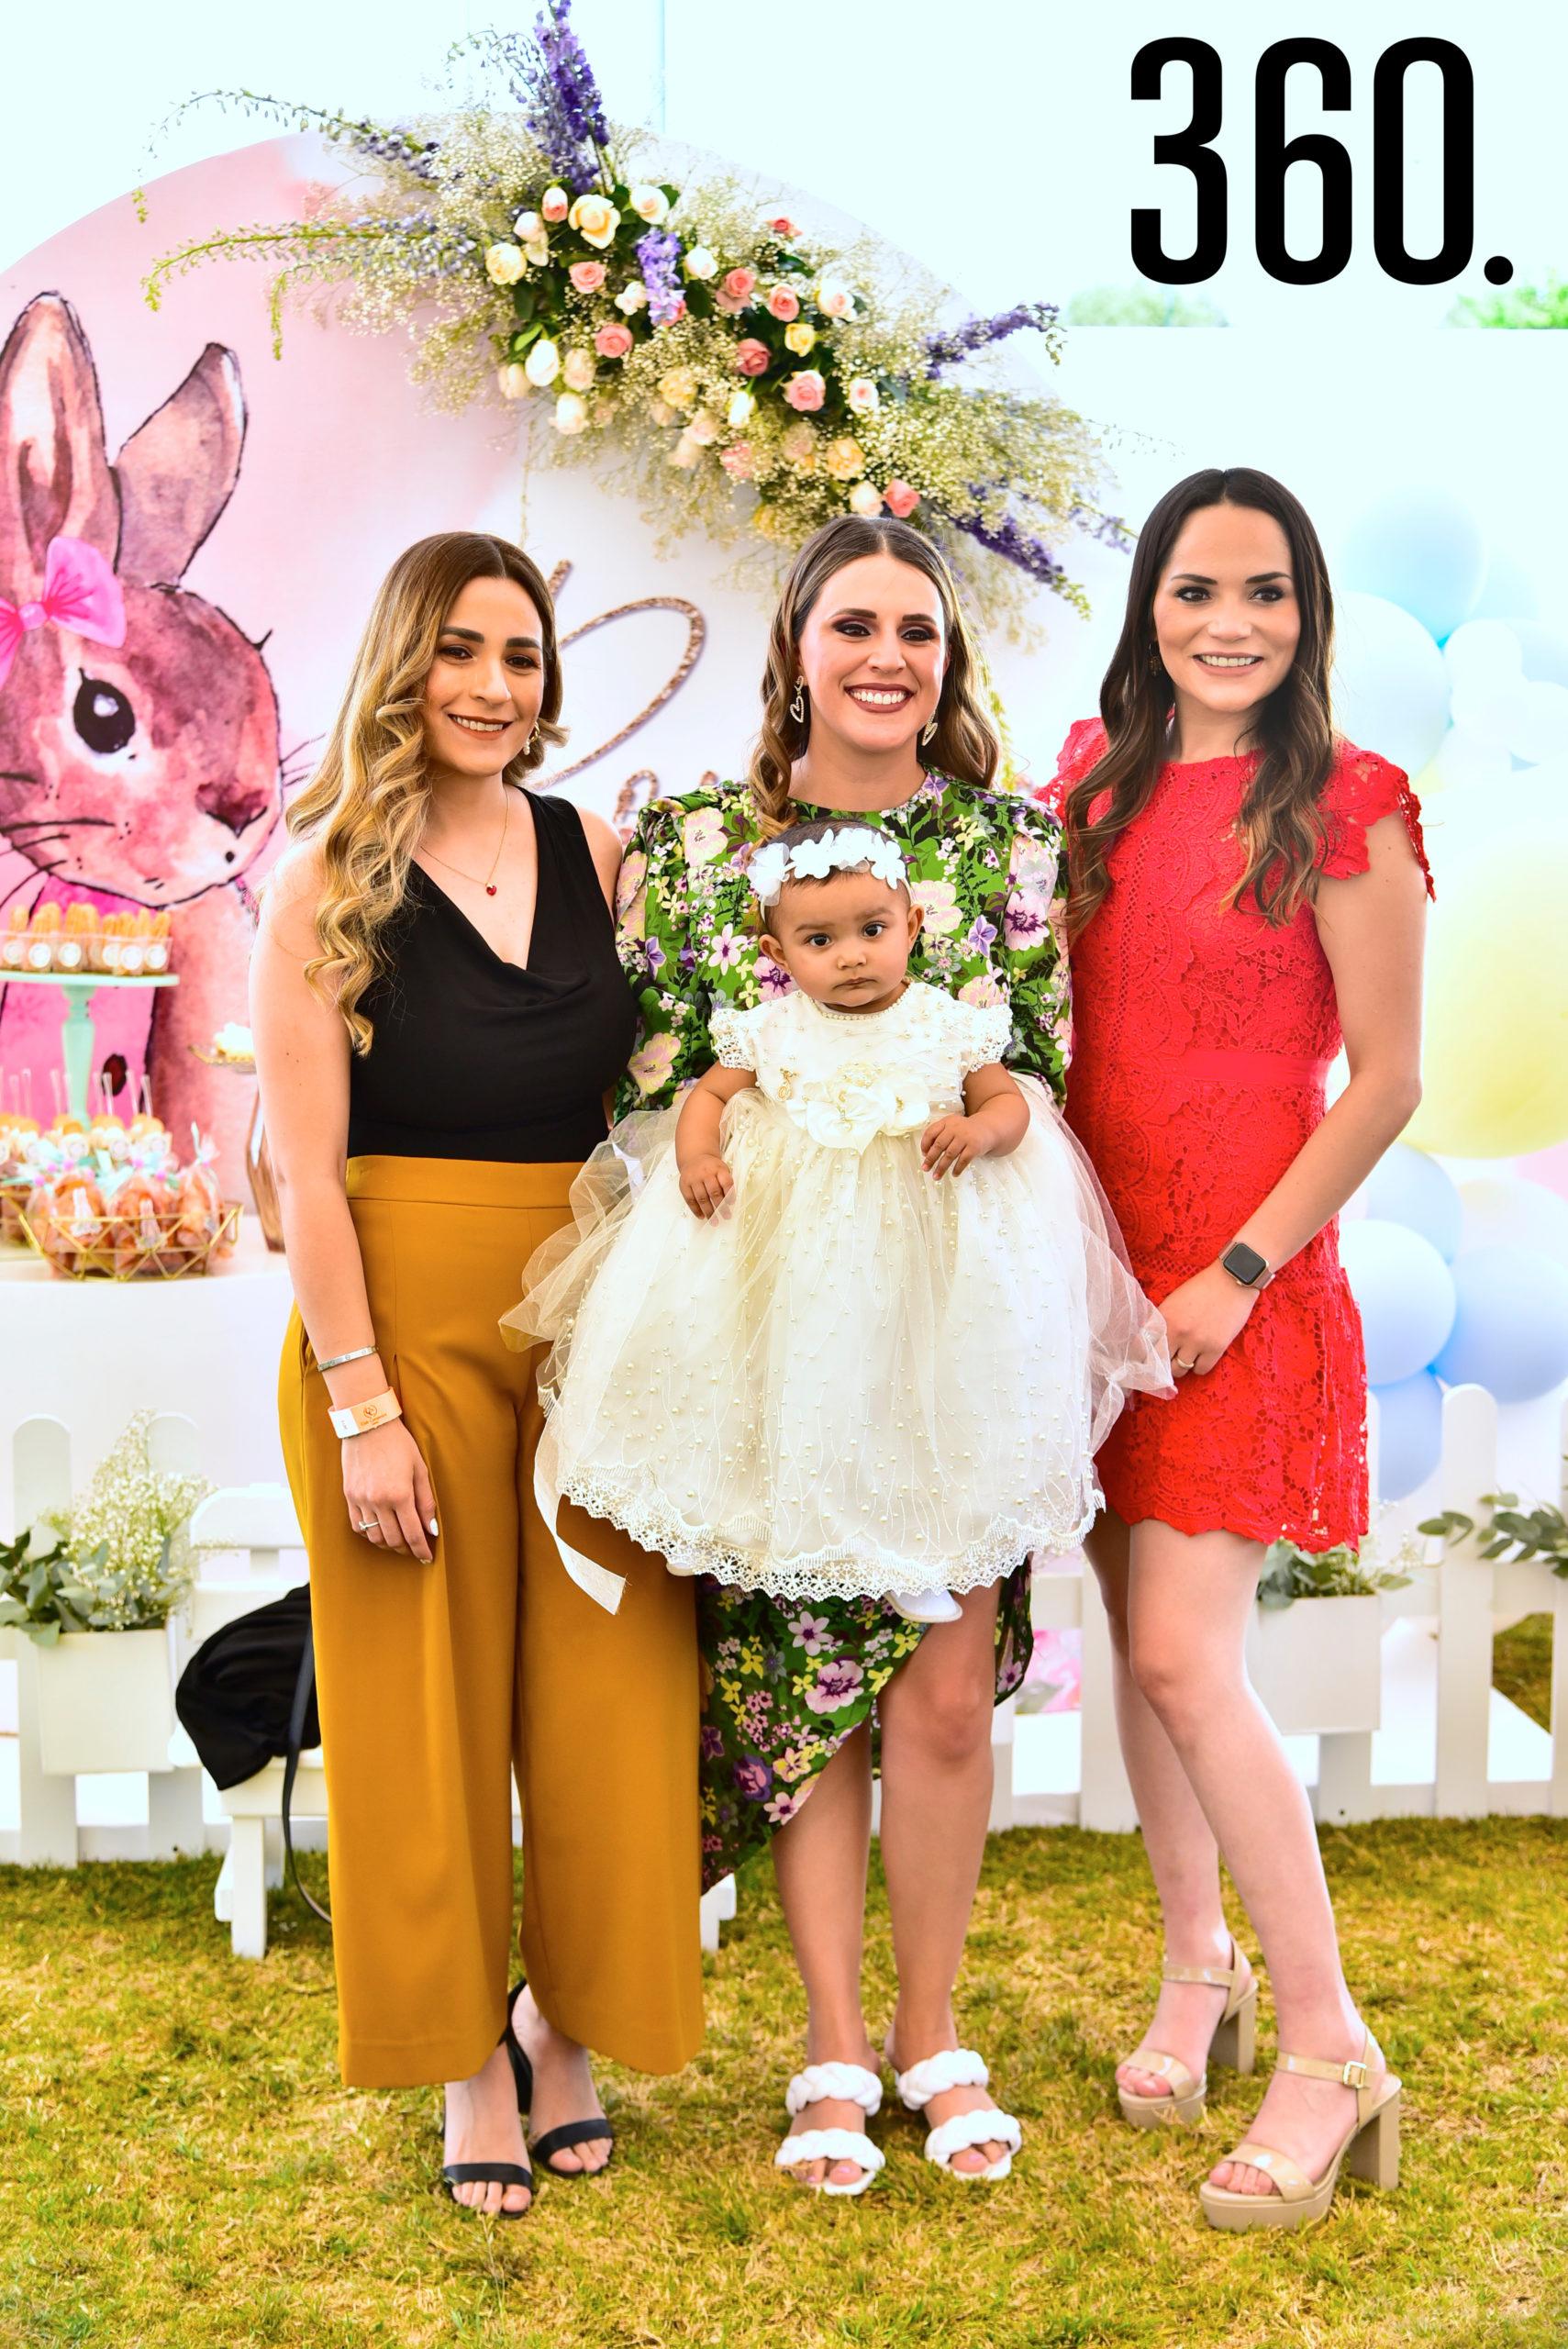 Alejandra de la Fuente, Cristina Dávila, Liliana de las Fuentes y Romina Pérez.